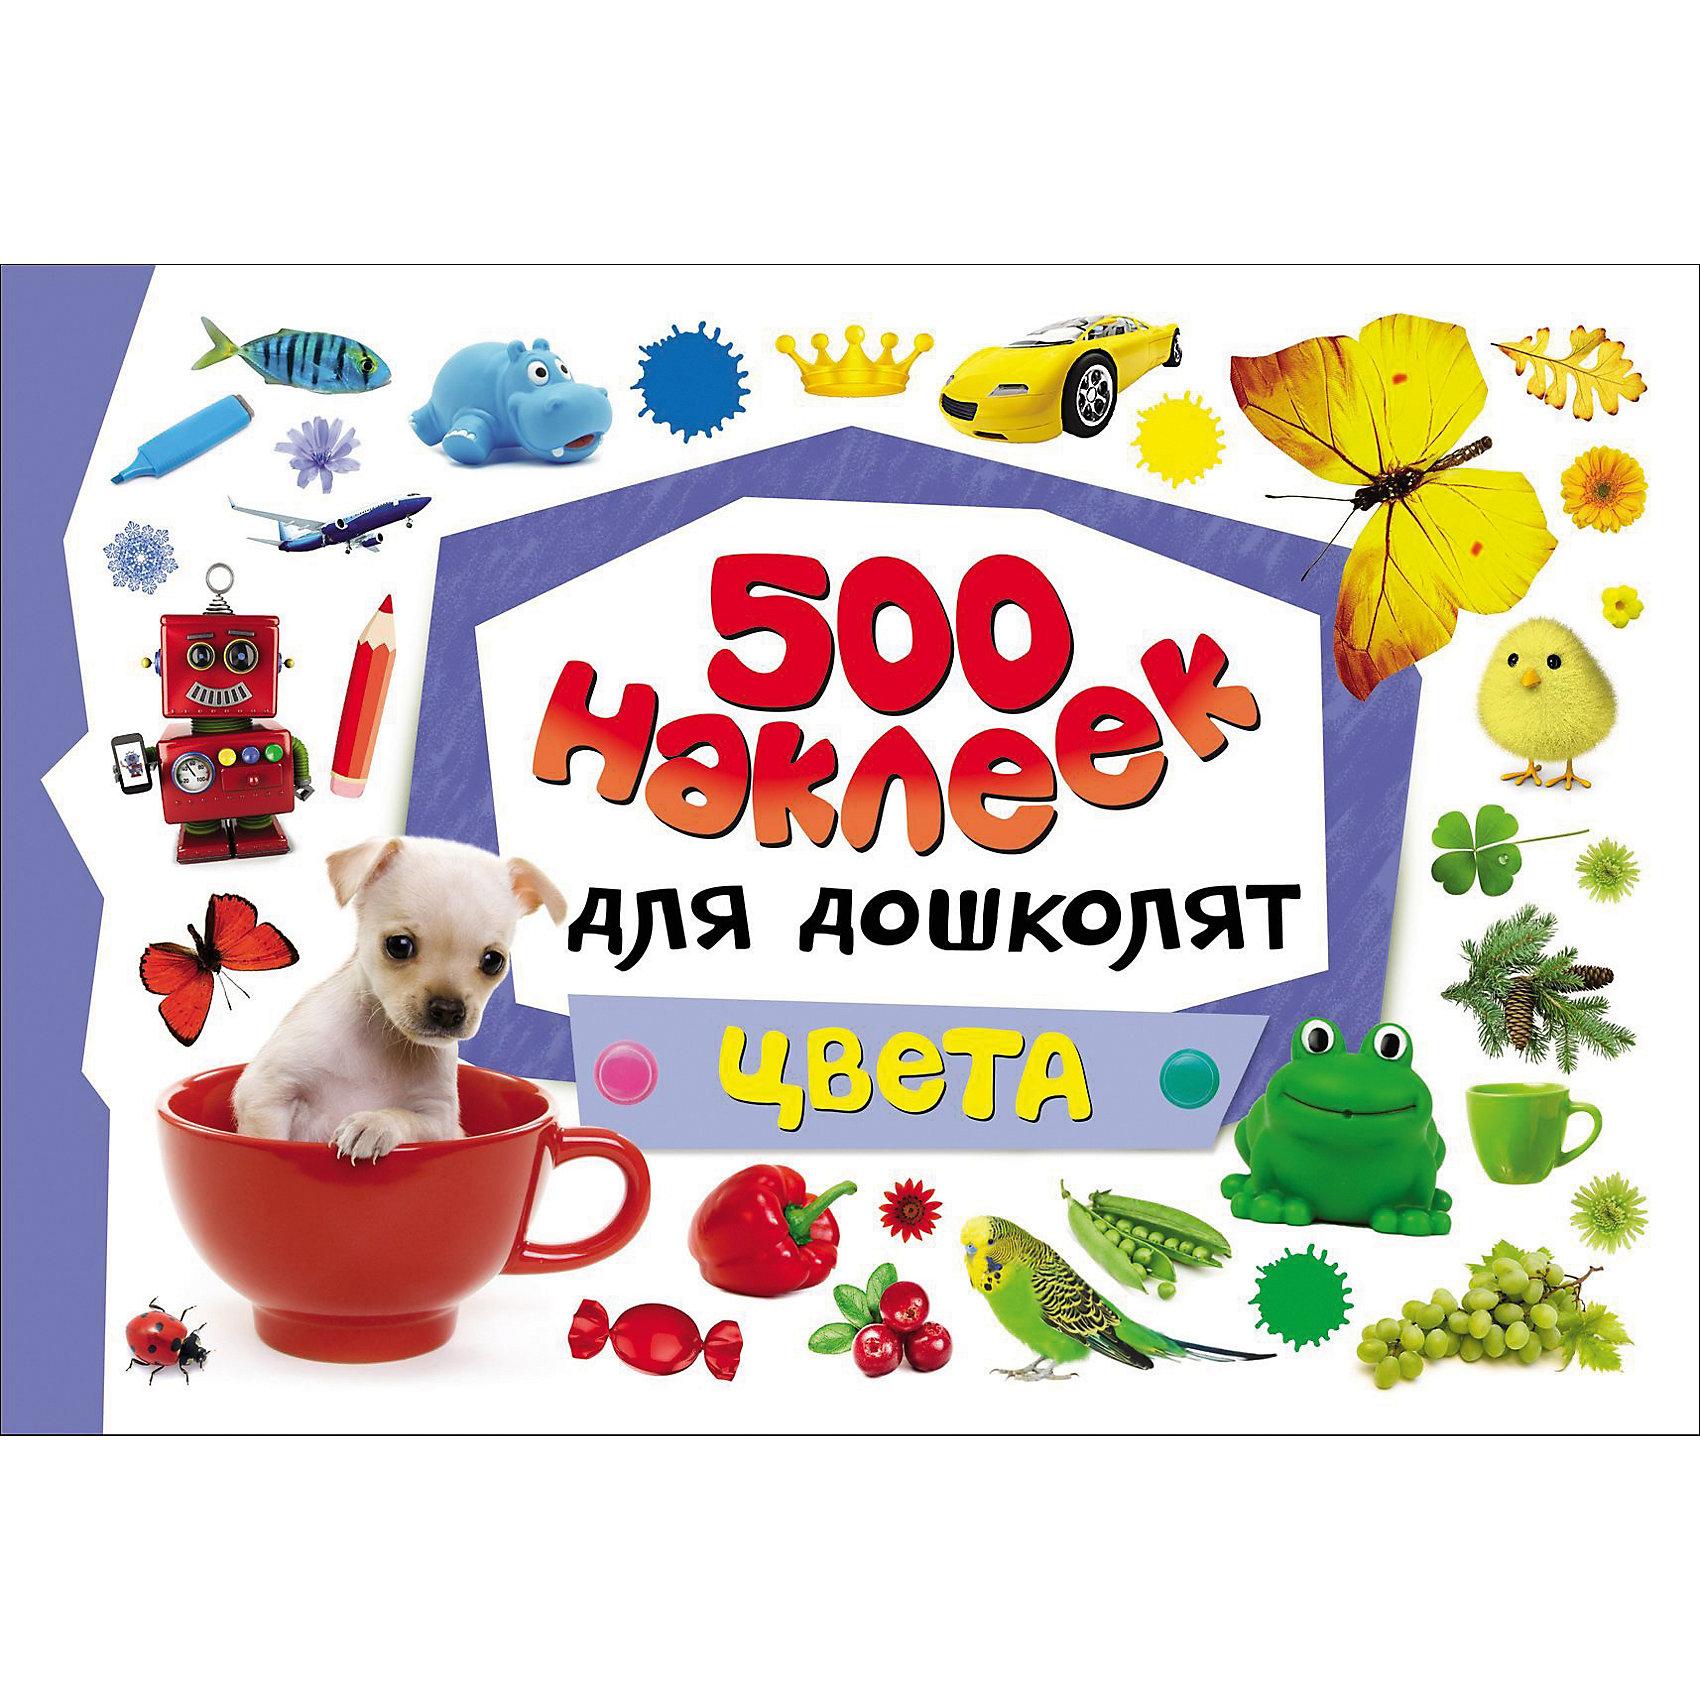 500 наклеек для дошколят ЦветаХарактеристики товара:<br><br>- цвет: разноцветный;<br>- материал: бумага;<br>- страниц: 24;<br>- формат: 30 х 20 см;<br>- обложка: мягкая;<br>- развивающее издание.<br><br>Это интересное развивающее издание станет отличным подарком для ребенка. Оно содержит в себе задания, которые можно выполнить с помощью наклеек. С наклейками из этой серии ребенок легко познакомится с буквами, счетом, окружающим миром, у него будут сформированы первоначальные математические понятия. Всё представлено в очень простой форме! Наклейки можно клеить куда угодно. Простые интересные задачки помогут привить любовь к учебе!Это интересное развивающее издание станет отличным подарком для ребенка. Оно содержит в себе задания, которые можно выполнить с помощью наклеек. С наклейками из этой серии ребенок легко познакомится с буквами, счетом, окружающим миром, у него будут сформированы первоначальные математические понятия. Всё представлено в очень простой форме! Наклейки можно клеить куда угодно. Простые интересные задачки помогут привить любовь к учебе!<br>Выполнение таких заданий помогает ребенку развивать зрительную память, концентрацию внимания и воображение. Издание произведено из качественных материалов, которые безопасны даже для самых маленьких.<br><br>500 наклеек для дошколят Цвета от компании Росмэн можно купить в нашем интернет-магазине.<br><br>Ширина мм: 300<br>Глубина мм: 200<br>Высота мм: 4<br>Вес г: 138<br>Возраст от месяцев: 60<br>Возраст до месяцев: 84<br>Пол: Унисекс<br>Возраст: Детский<br>SKU: 5110172